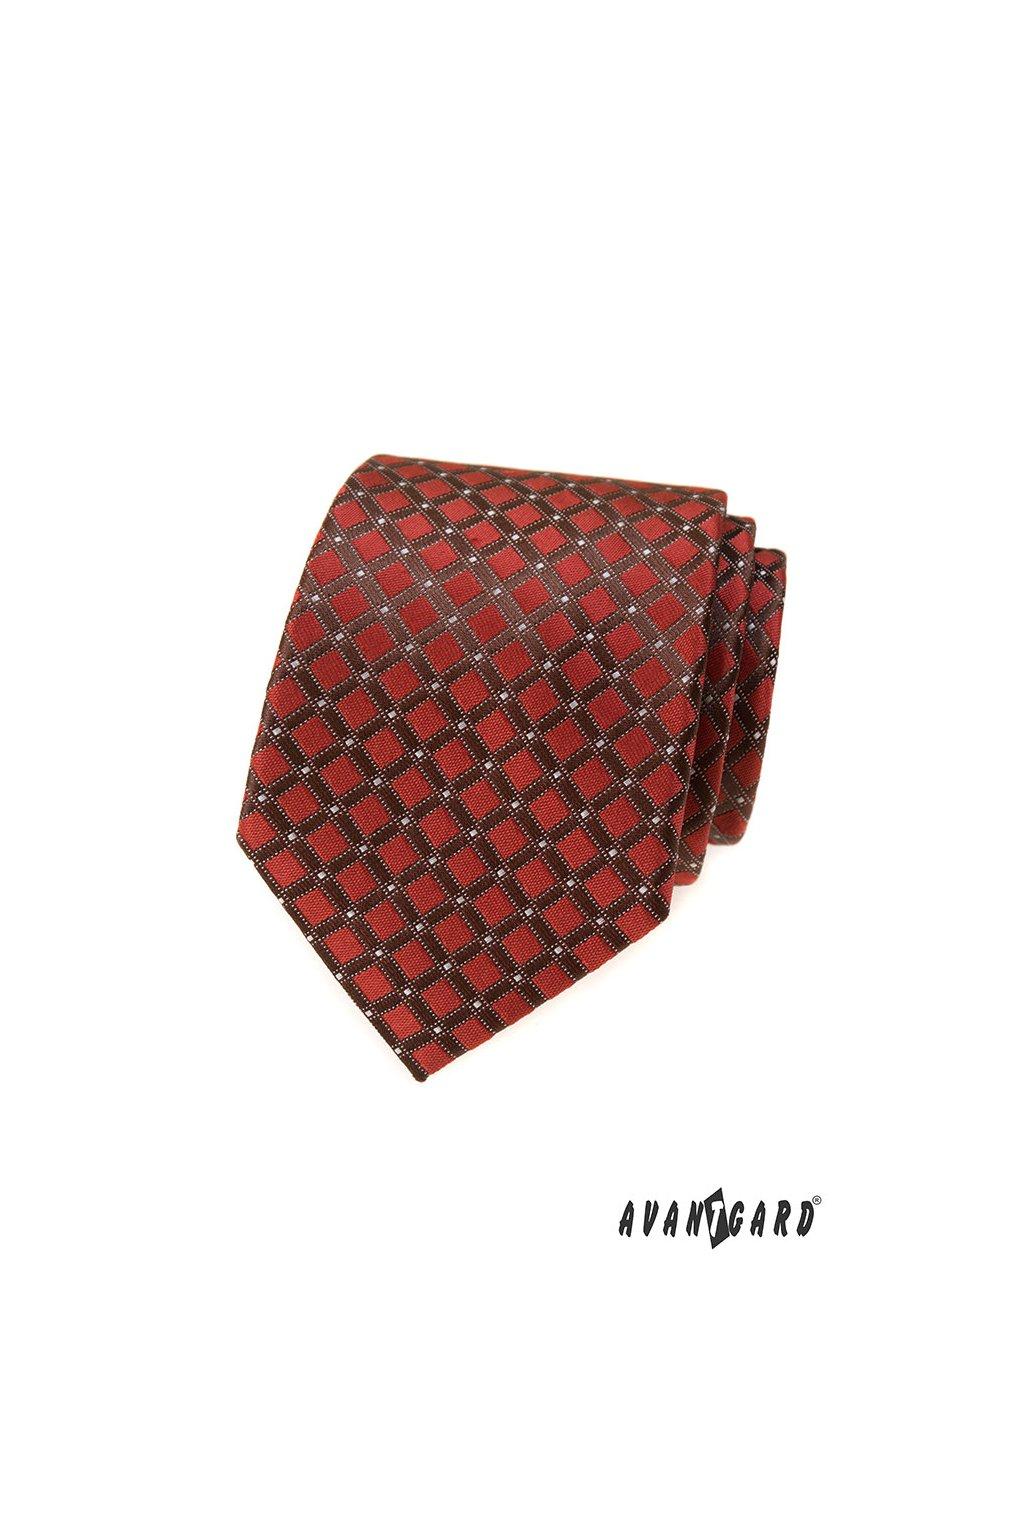 Hnědá skořicová luxusní kravata se vzorkem 561 - 81328